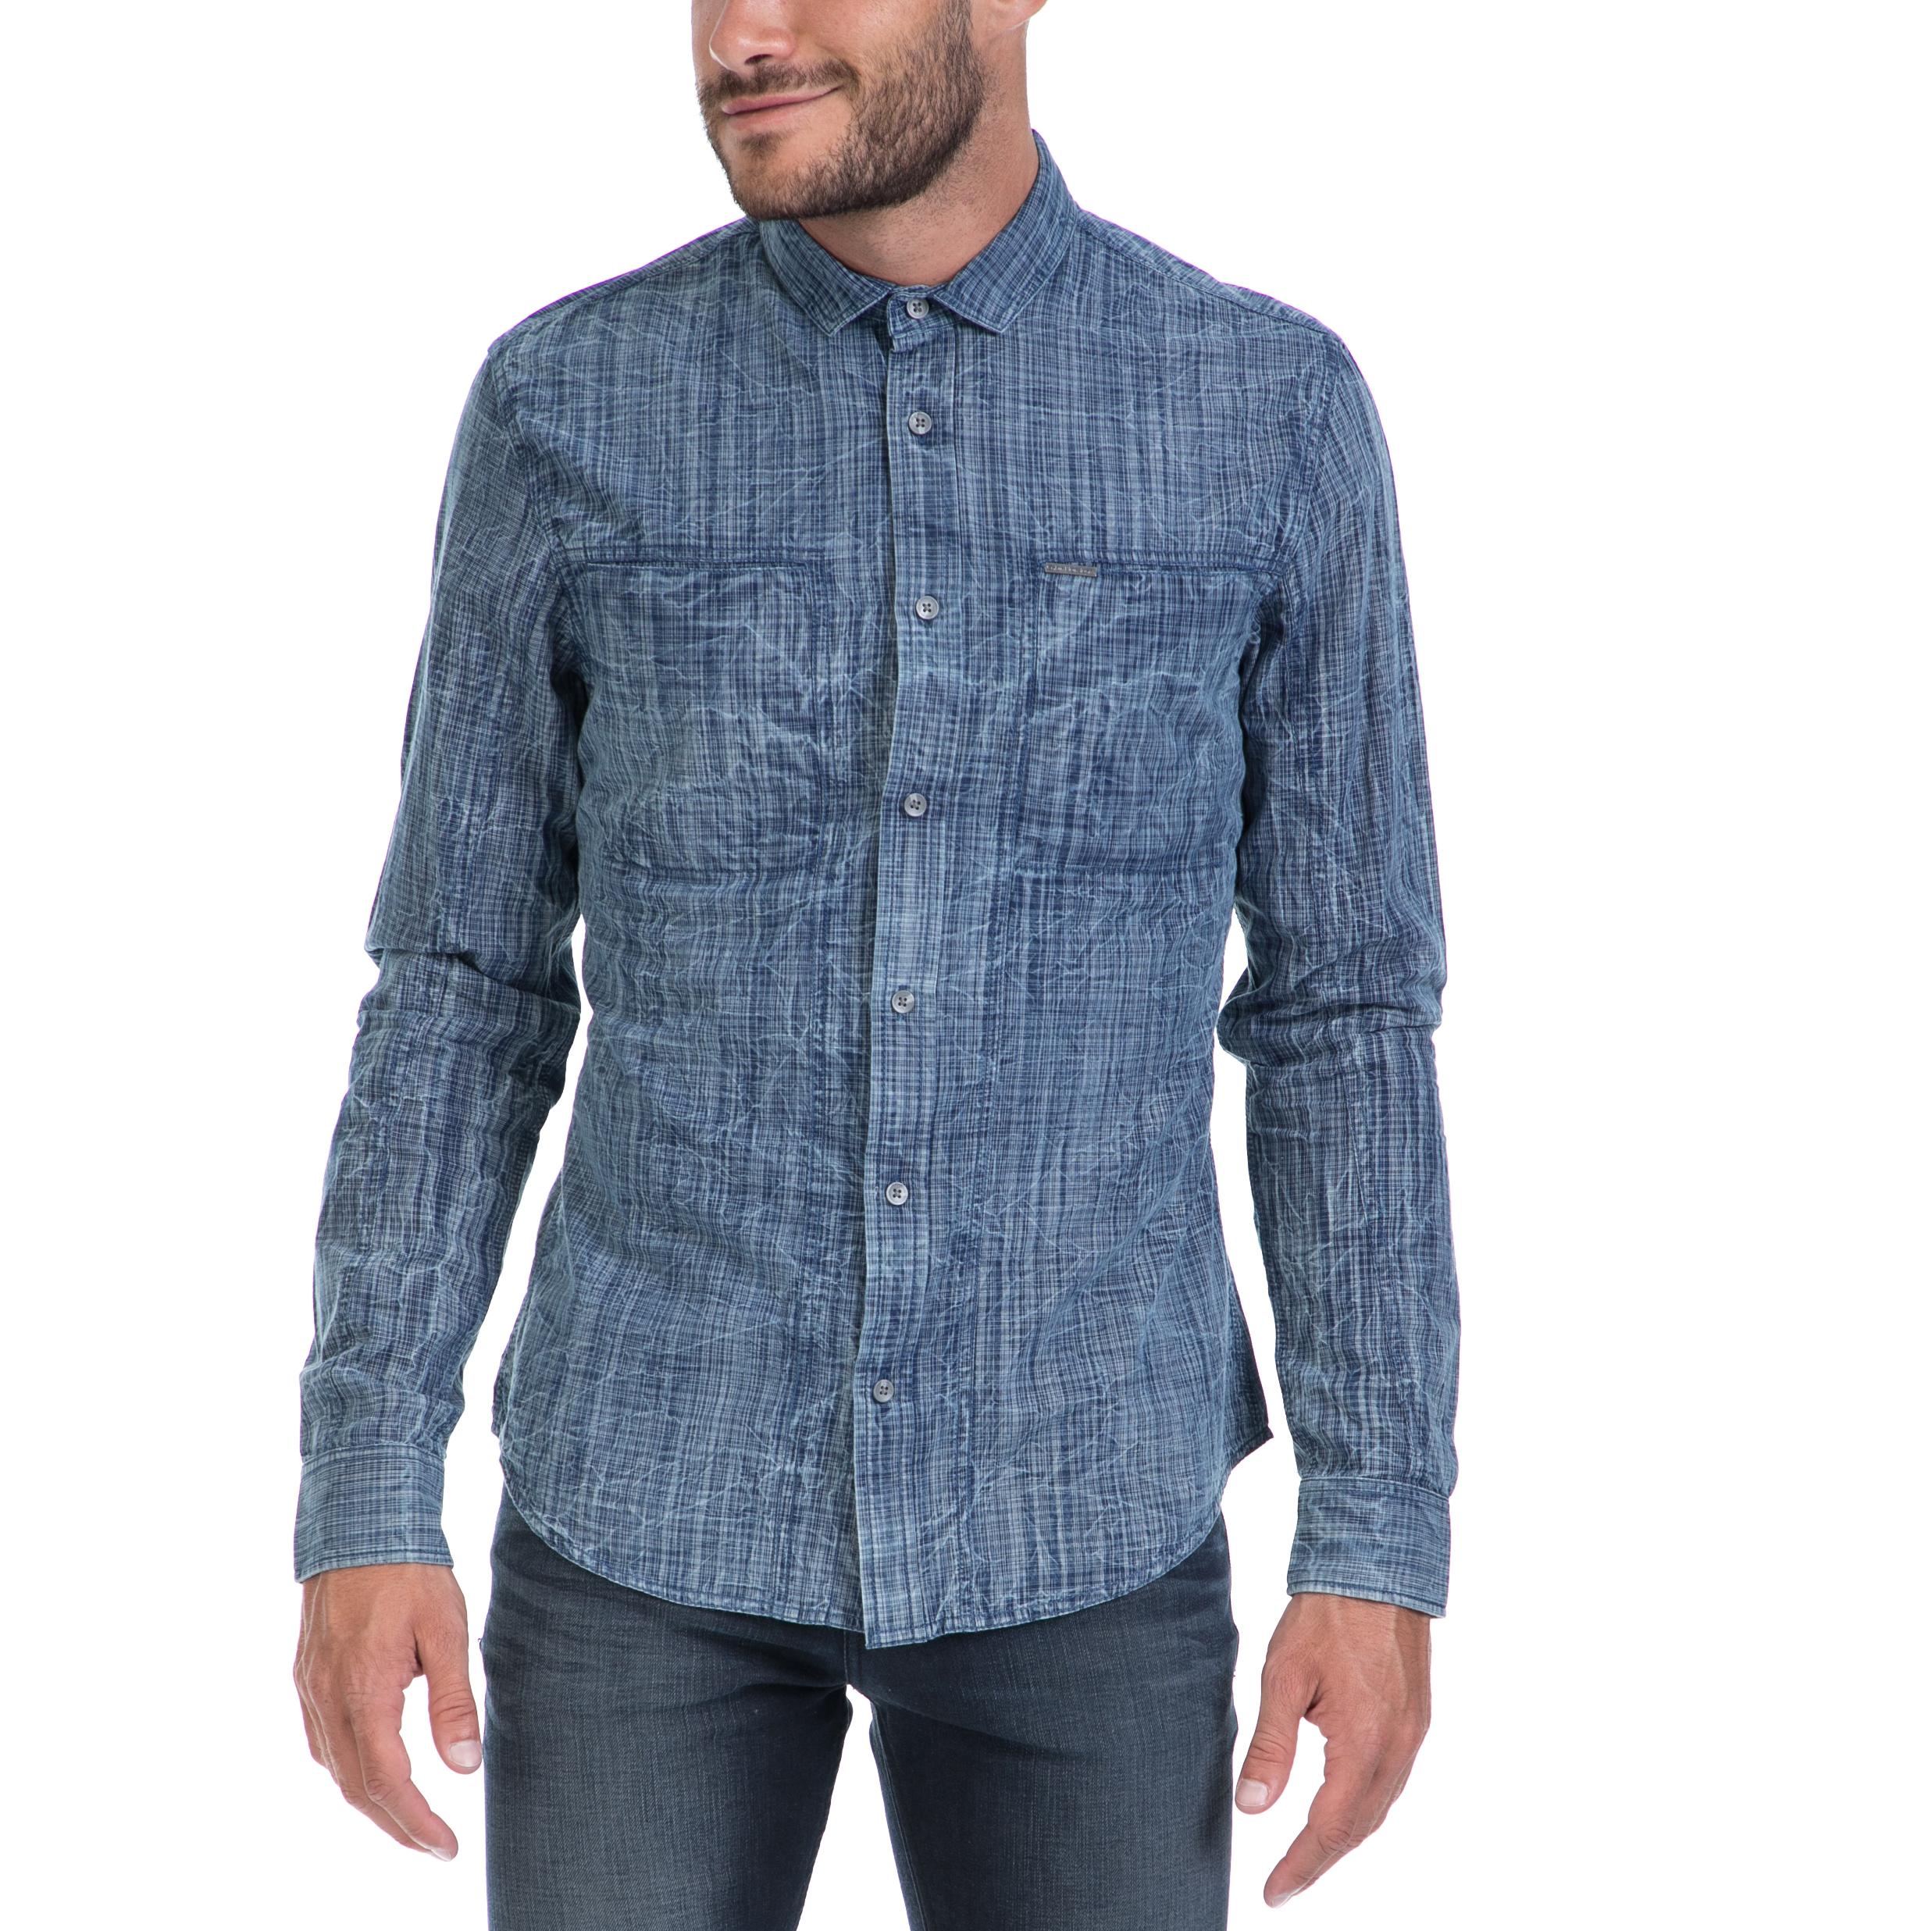 Ανδρικά   Ρούχα   Πουκάμισα   CALVIN KLEIN JEANS - Αντρικό πουκάμισο ... 1c4f9511f25